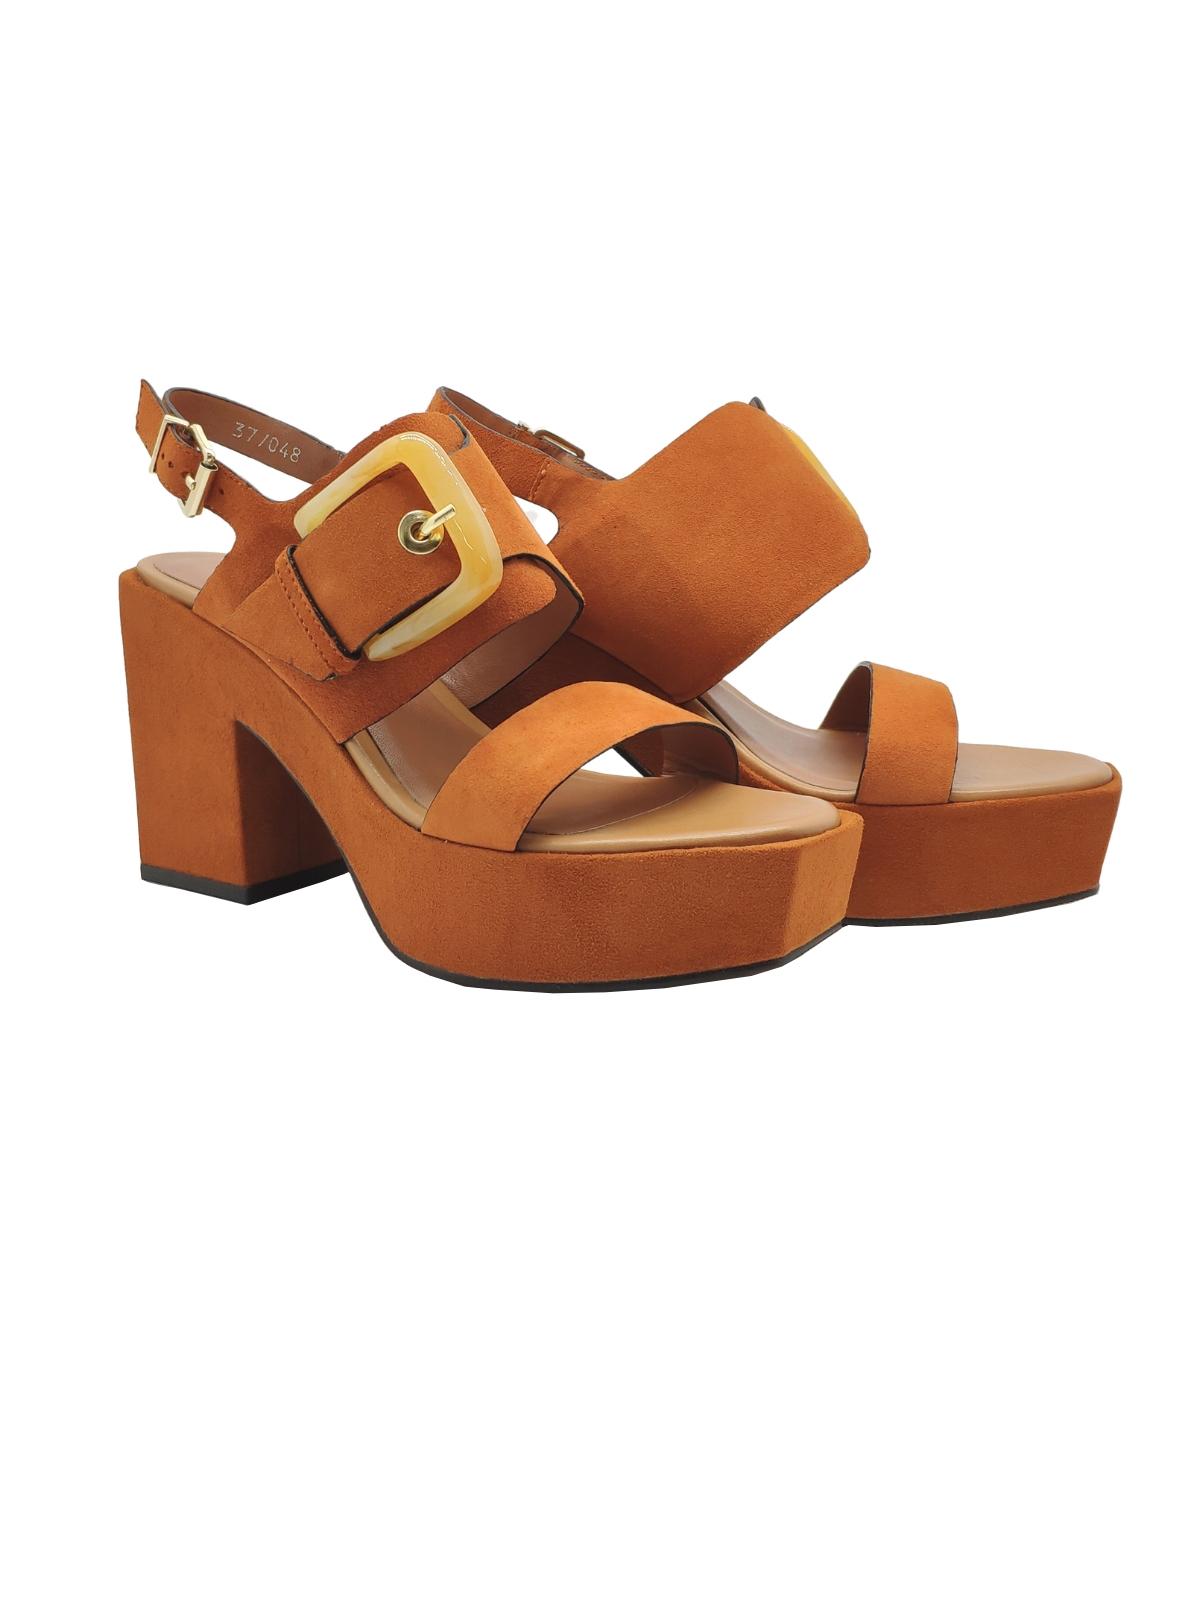 Wedge Strap Women's Sandals Bruno Premi | Wedge Sandals | BZ5805XCUOIO